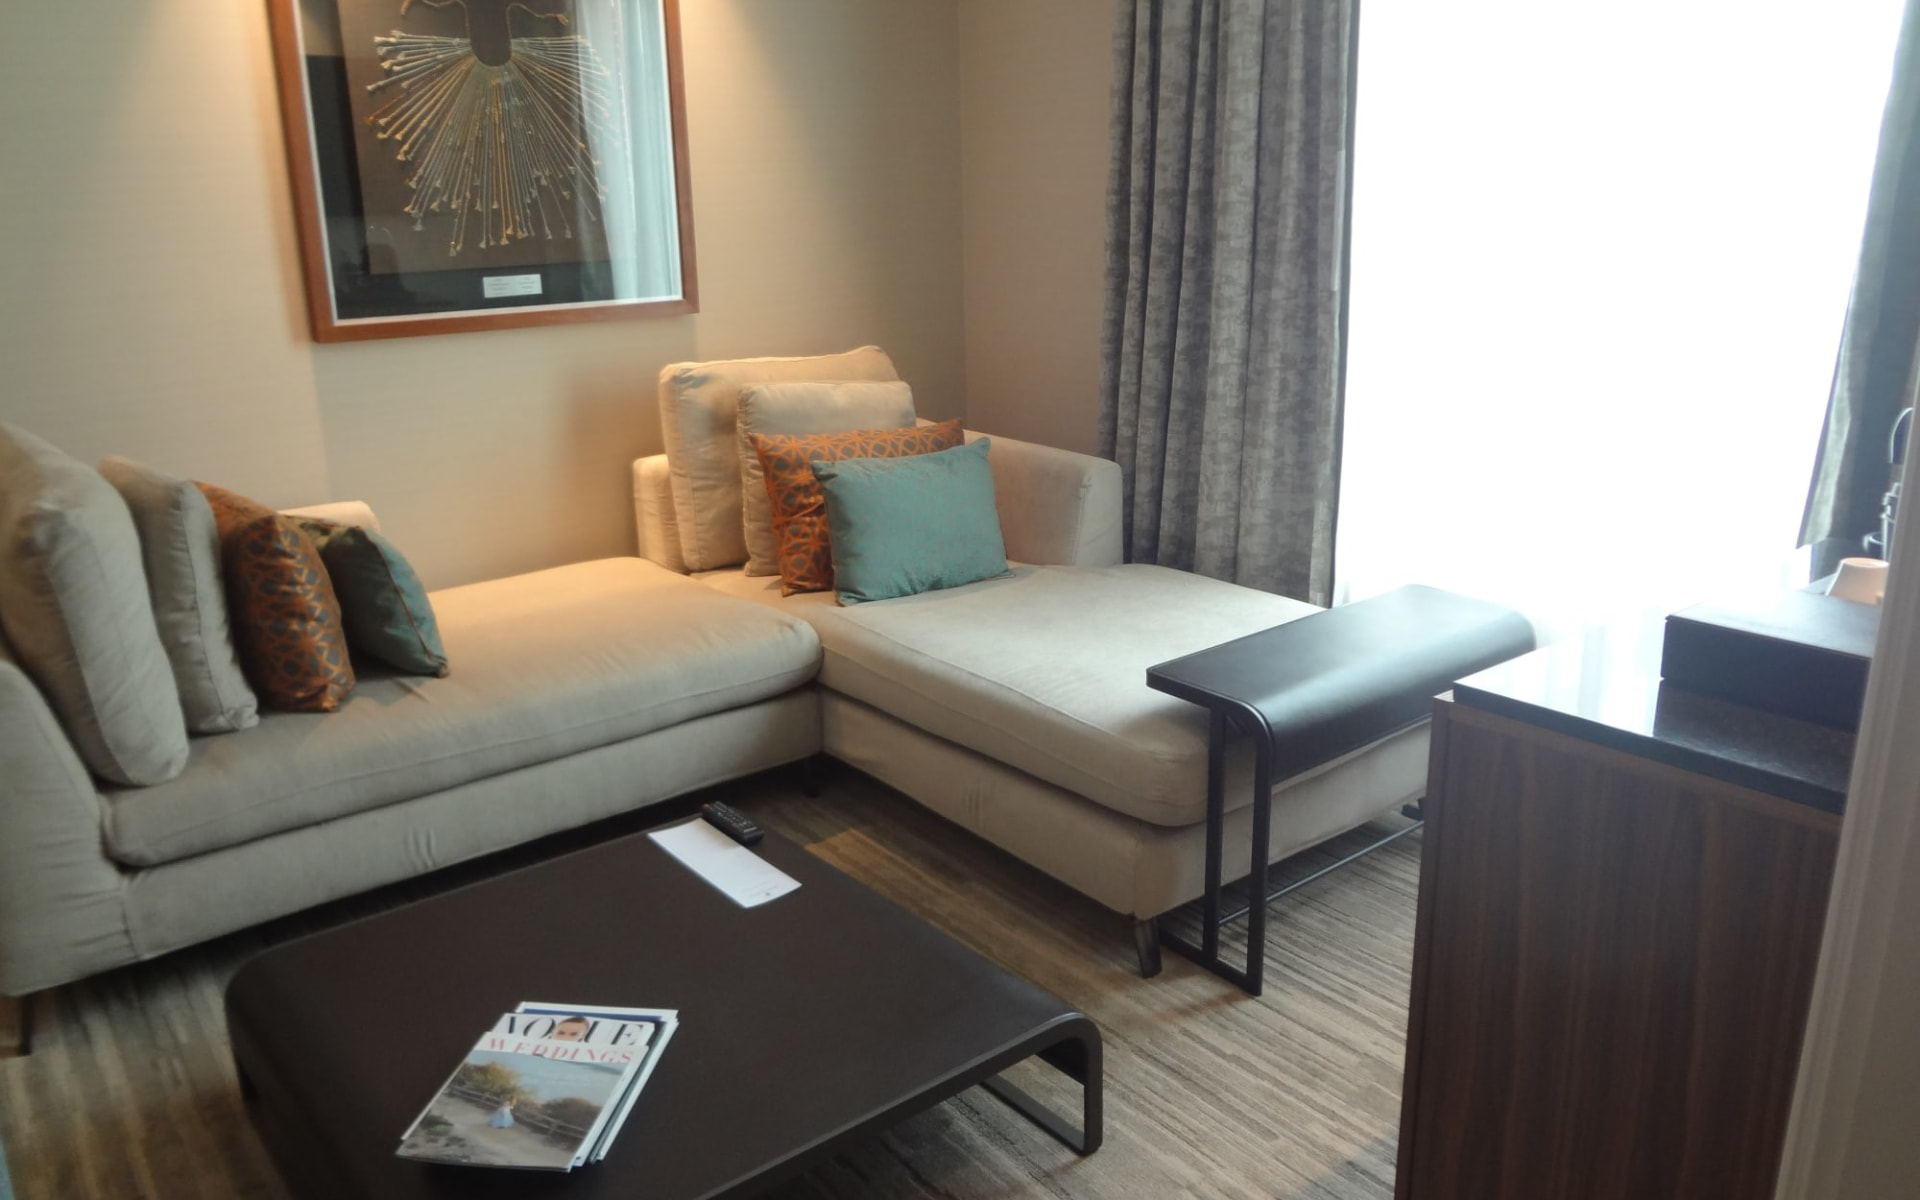 Hotel Ritz Carlton in Santiago de Chile: SCL_Ritz Carlton_Executive Suite_02